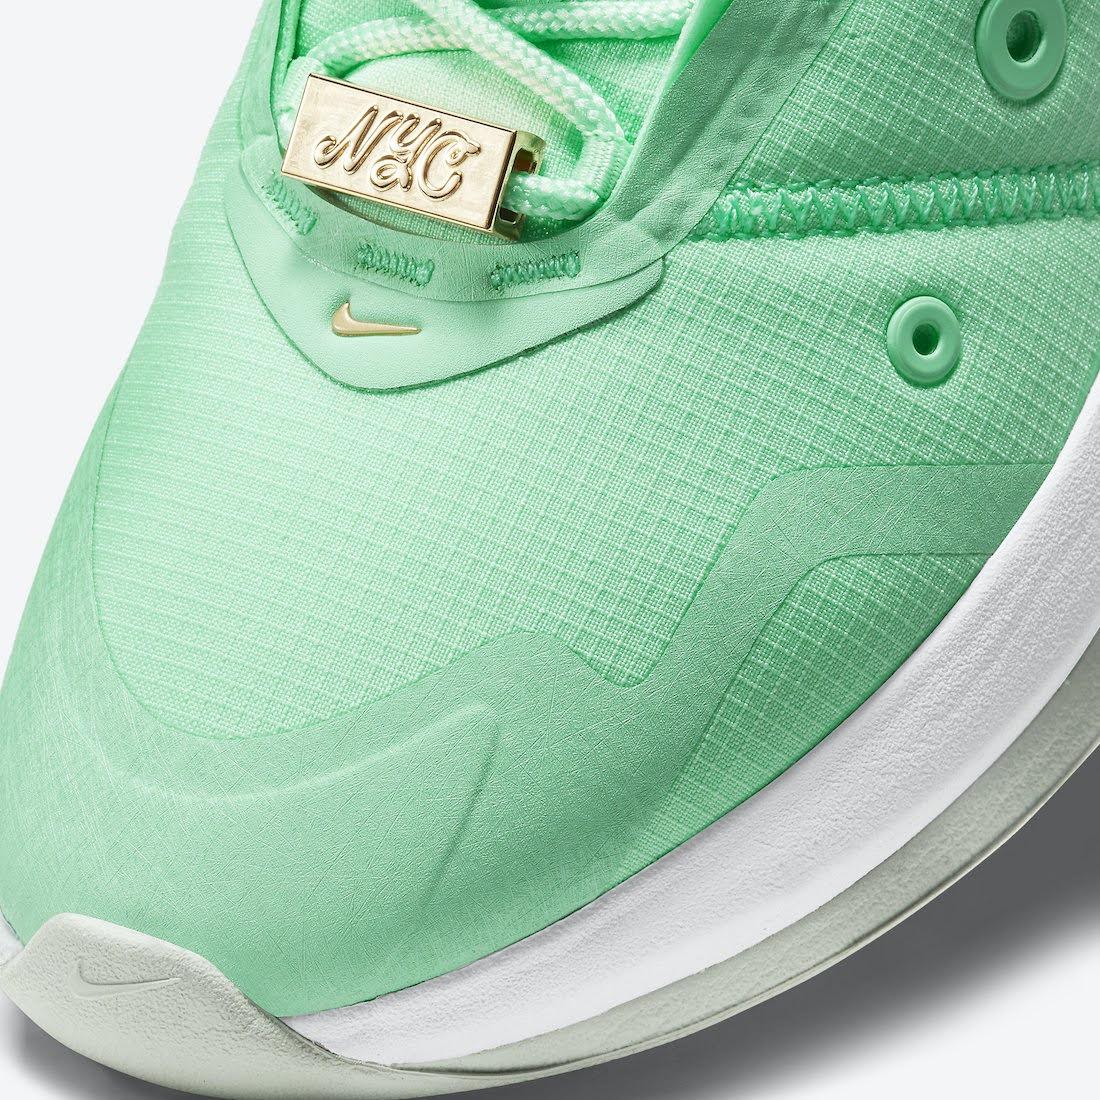 """ナイキ ウィメンズ エア マックス アップ """"レディー リバティ"""" Nike-WMNS-Air-Max-Up-NYC-Lady-Liberty-DH0154-300-toe"""